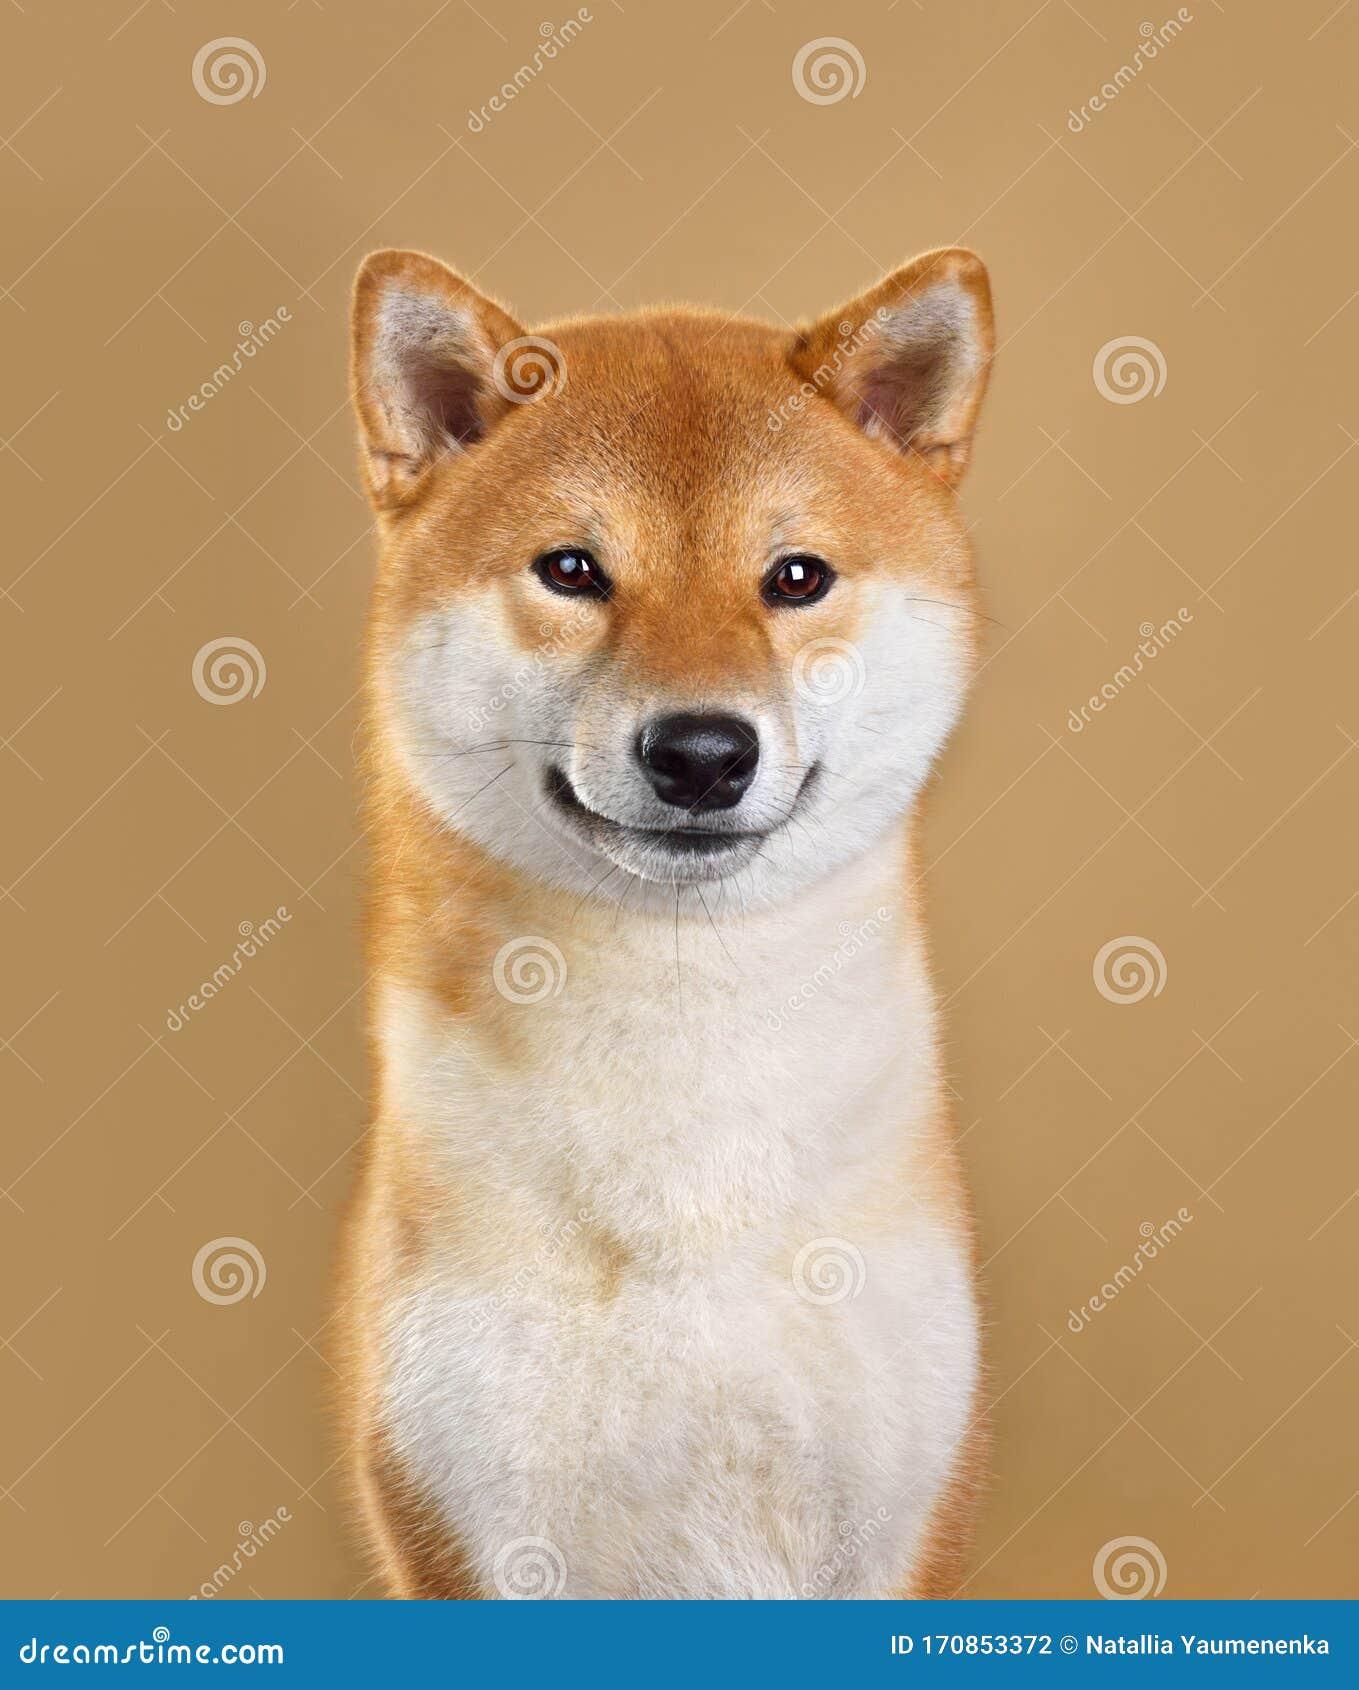 Smiling Shiba Inu Dog Stock Photo Image Of Canine Animal 170853372